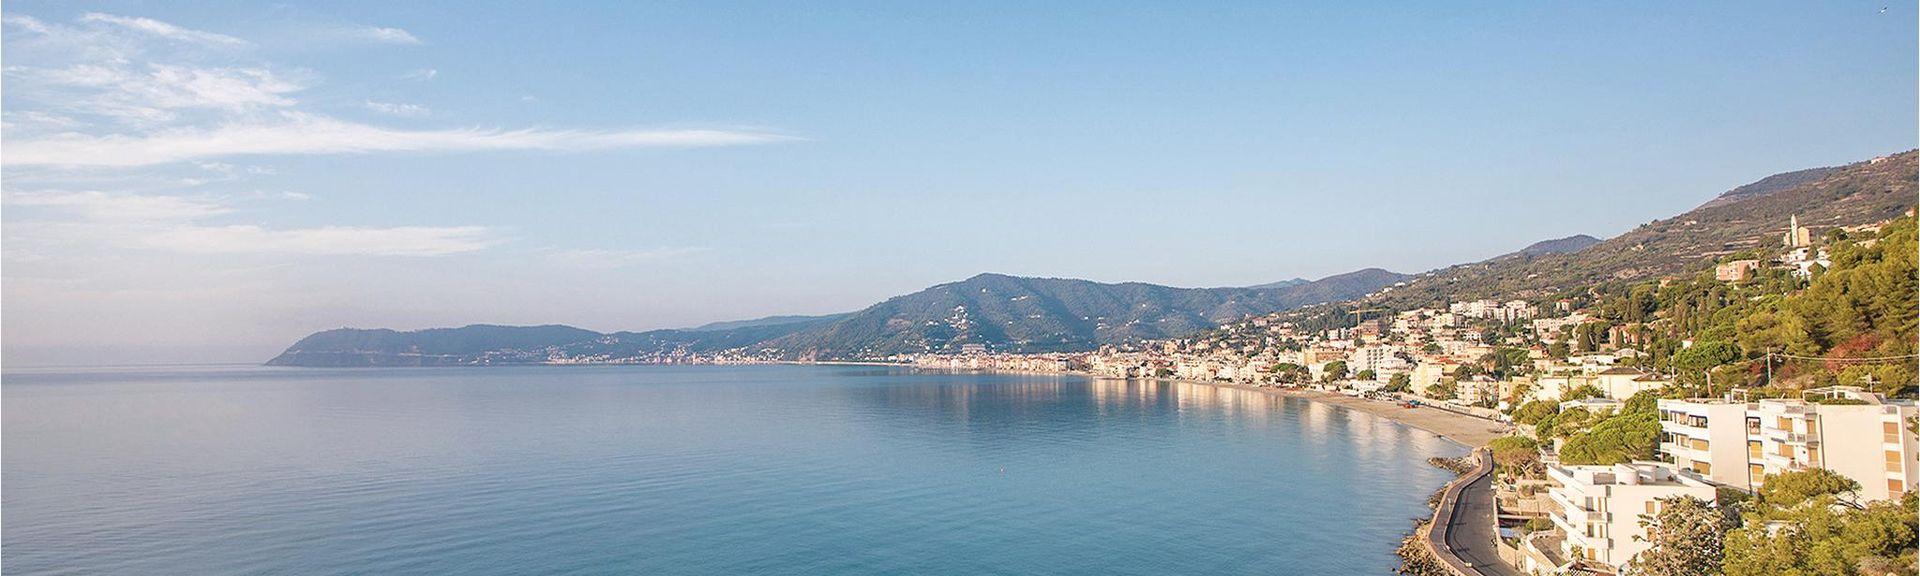 Badalucco, Imperia, Liguria, Italy